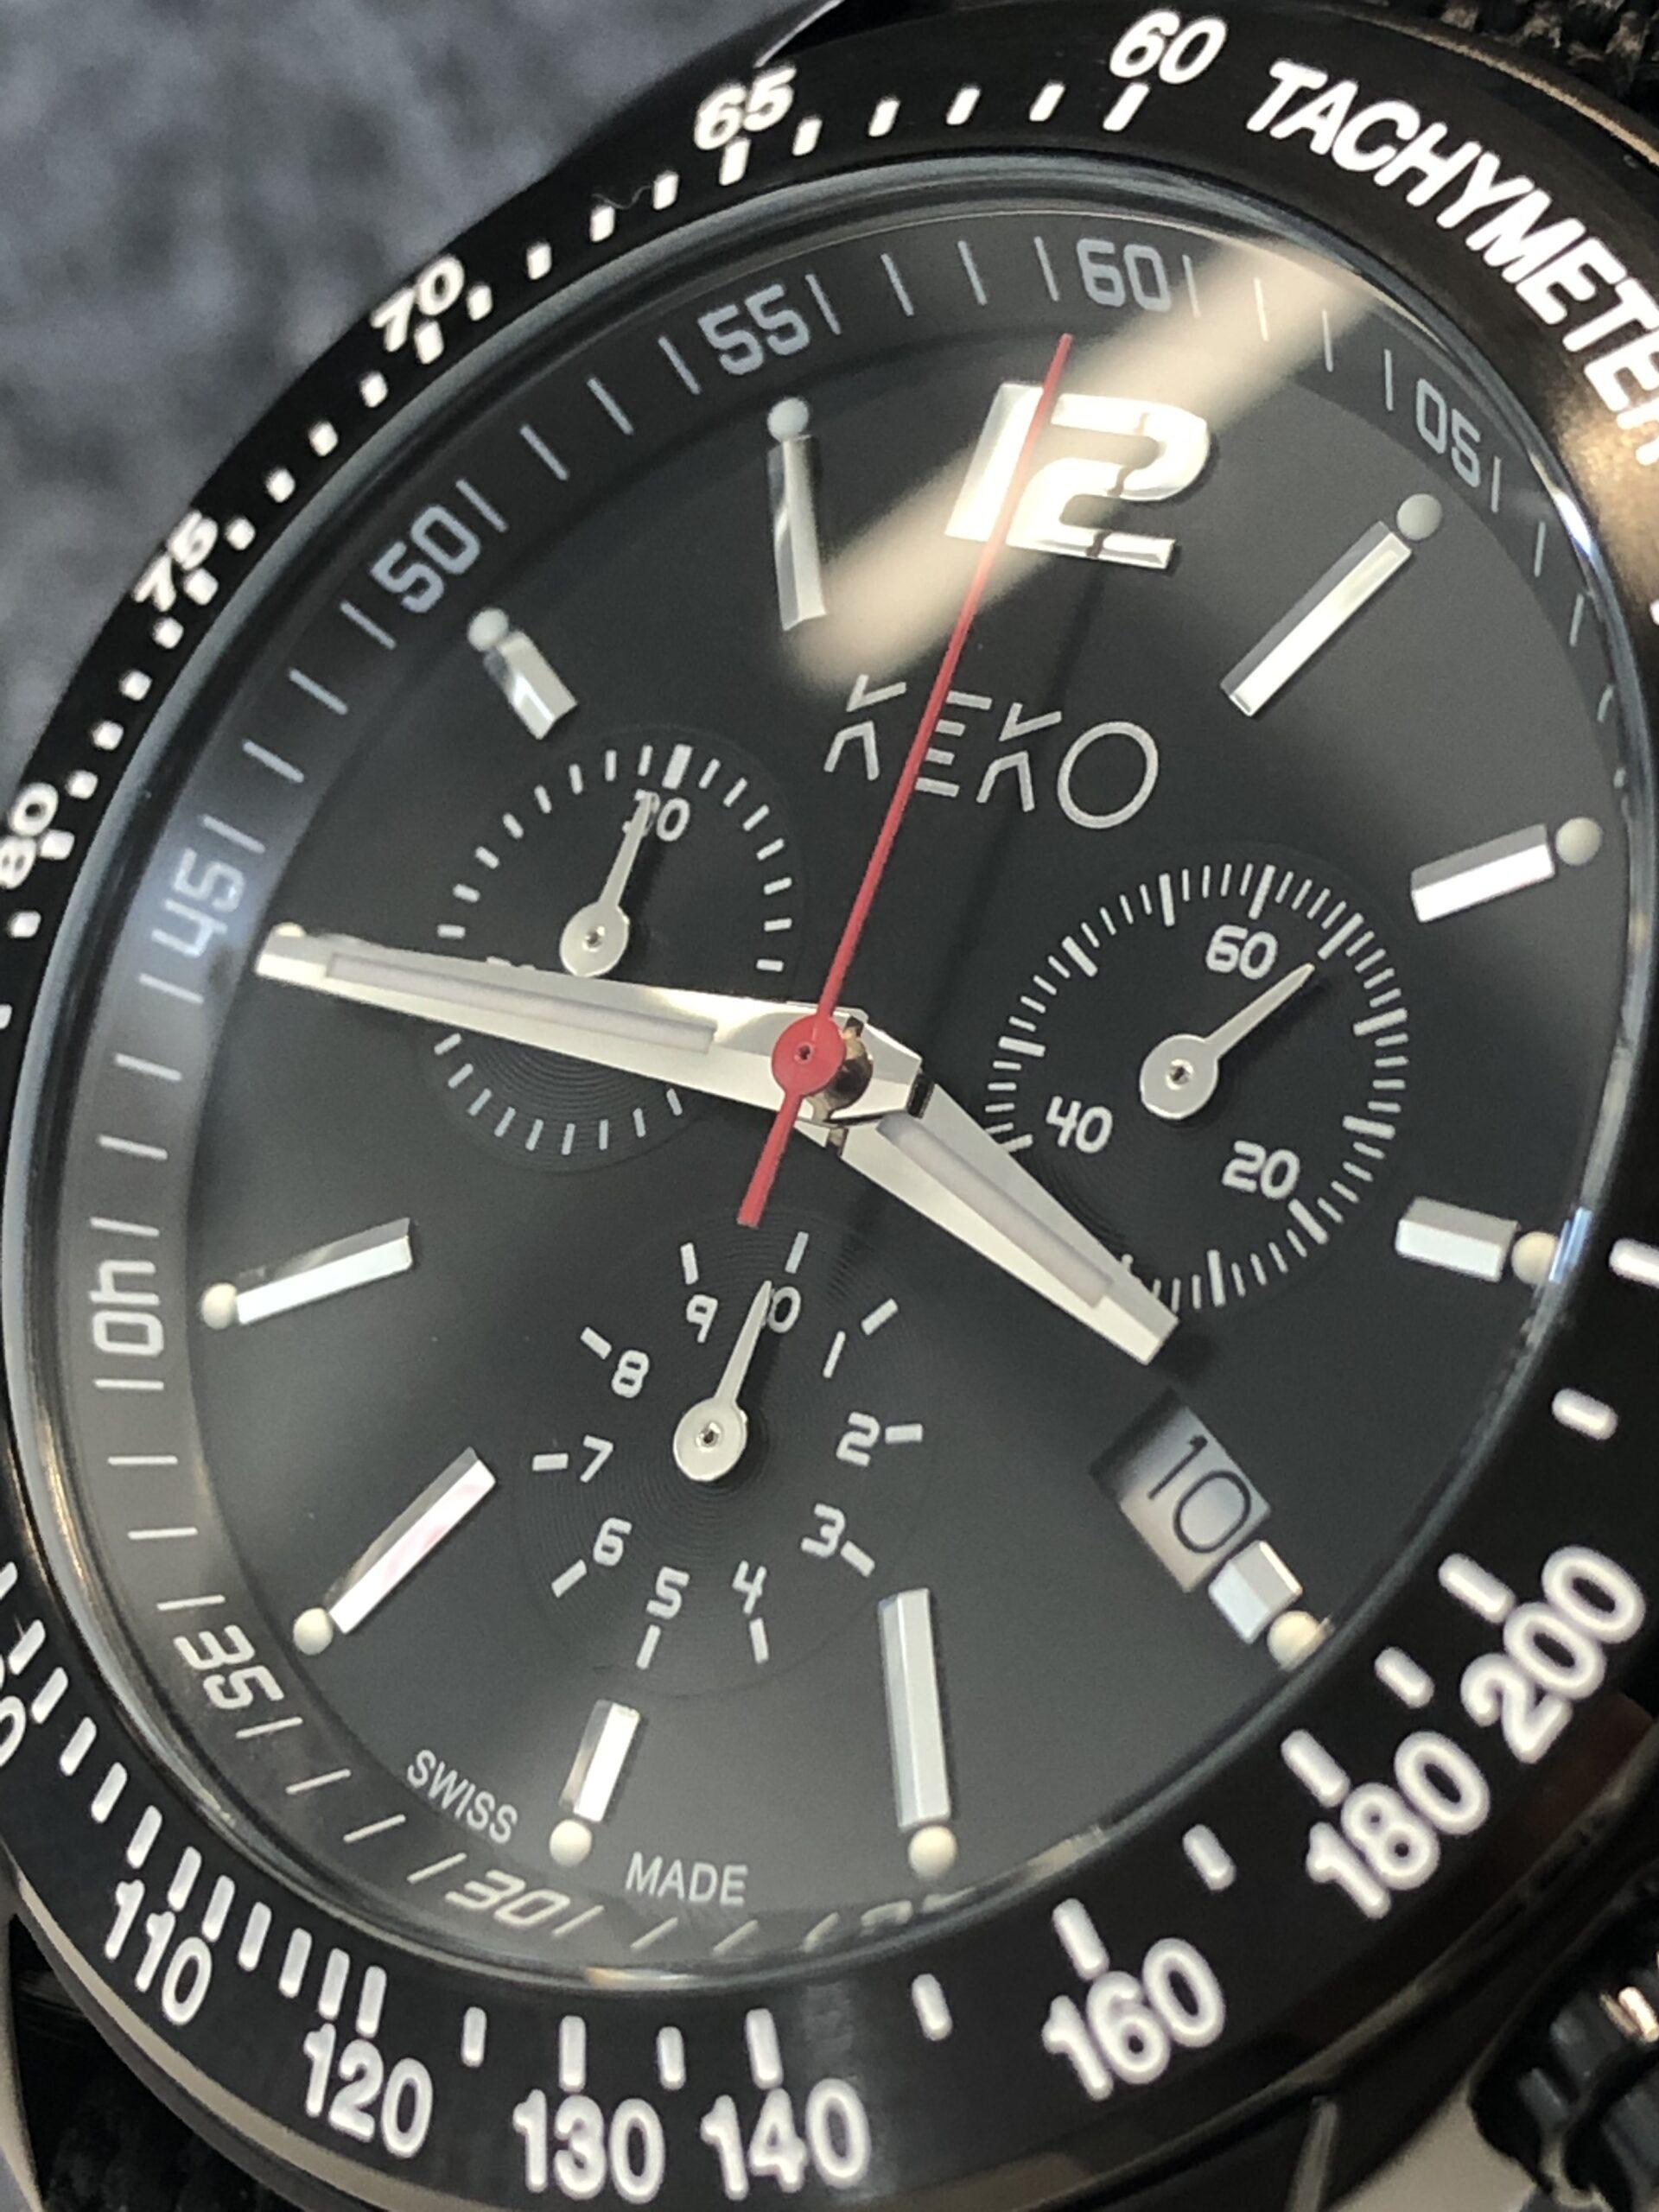 keko-chronograph-outdoor-adventure-mit-schwarzem-nylon-armband-seitenansicht-mit-krone